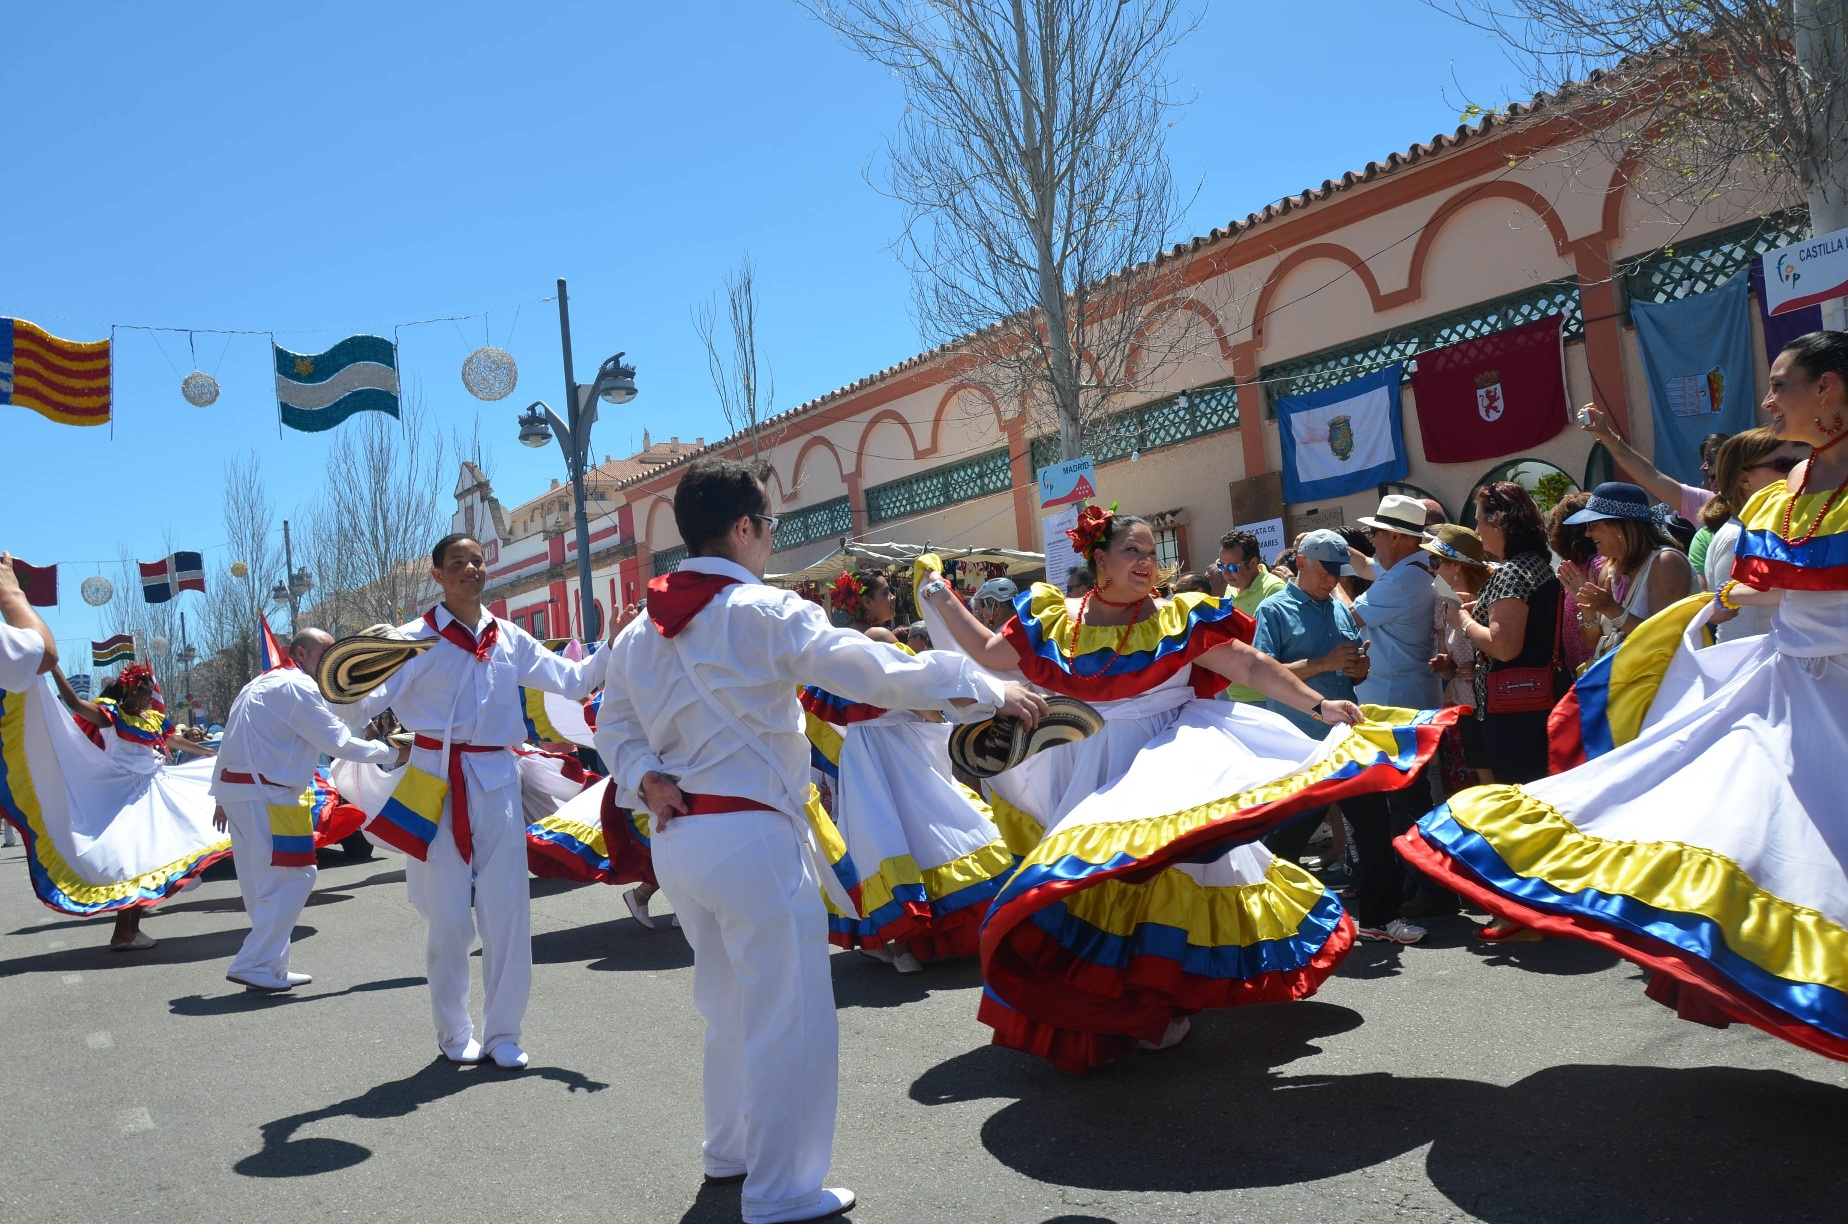 Feria Internacional de los Pueblos-Fuengirola